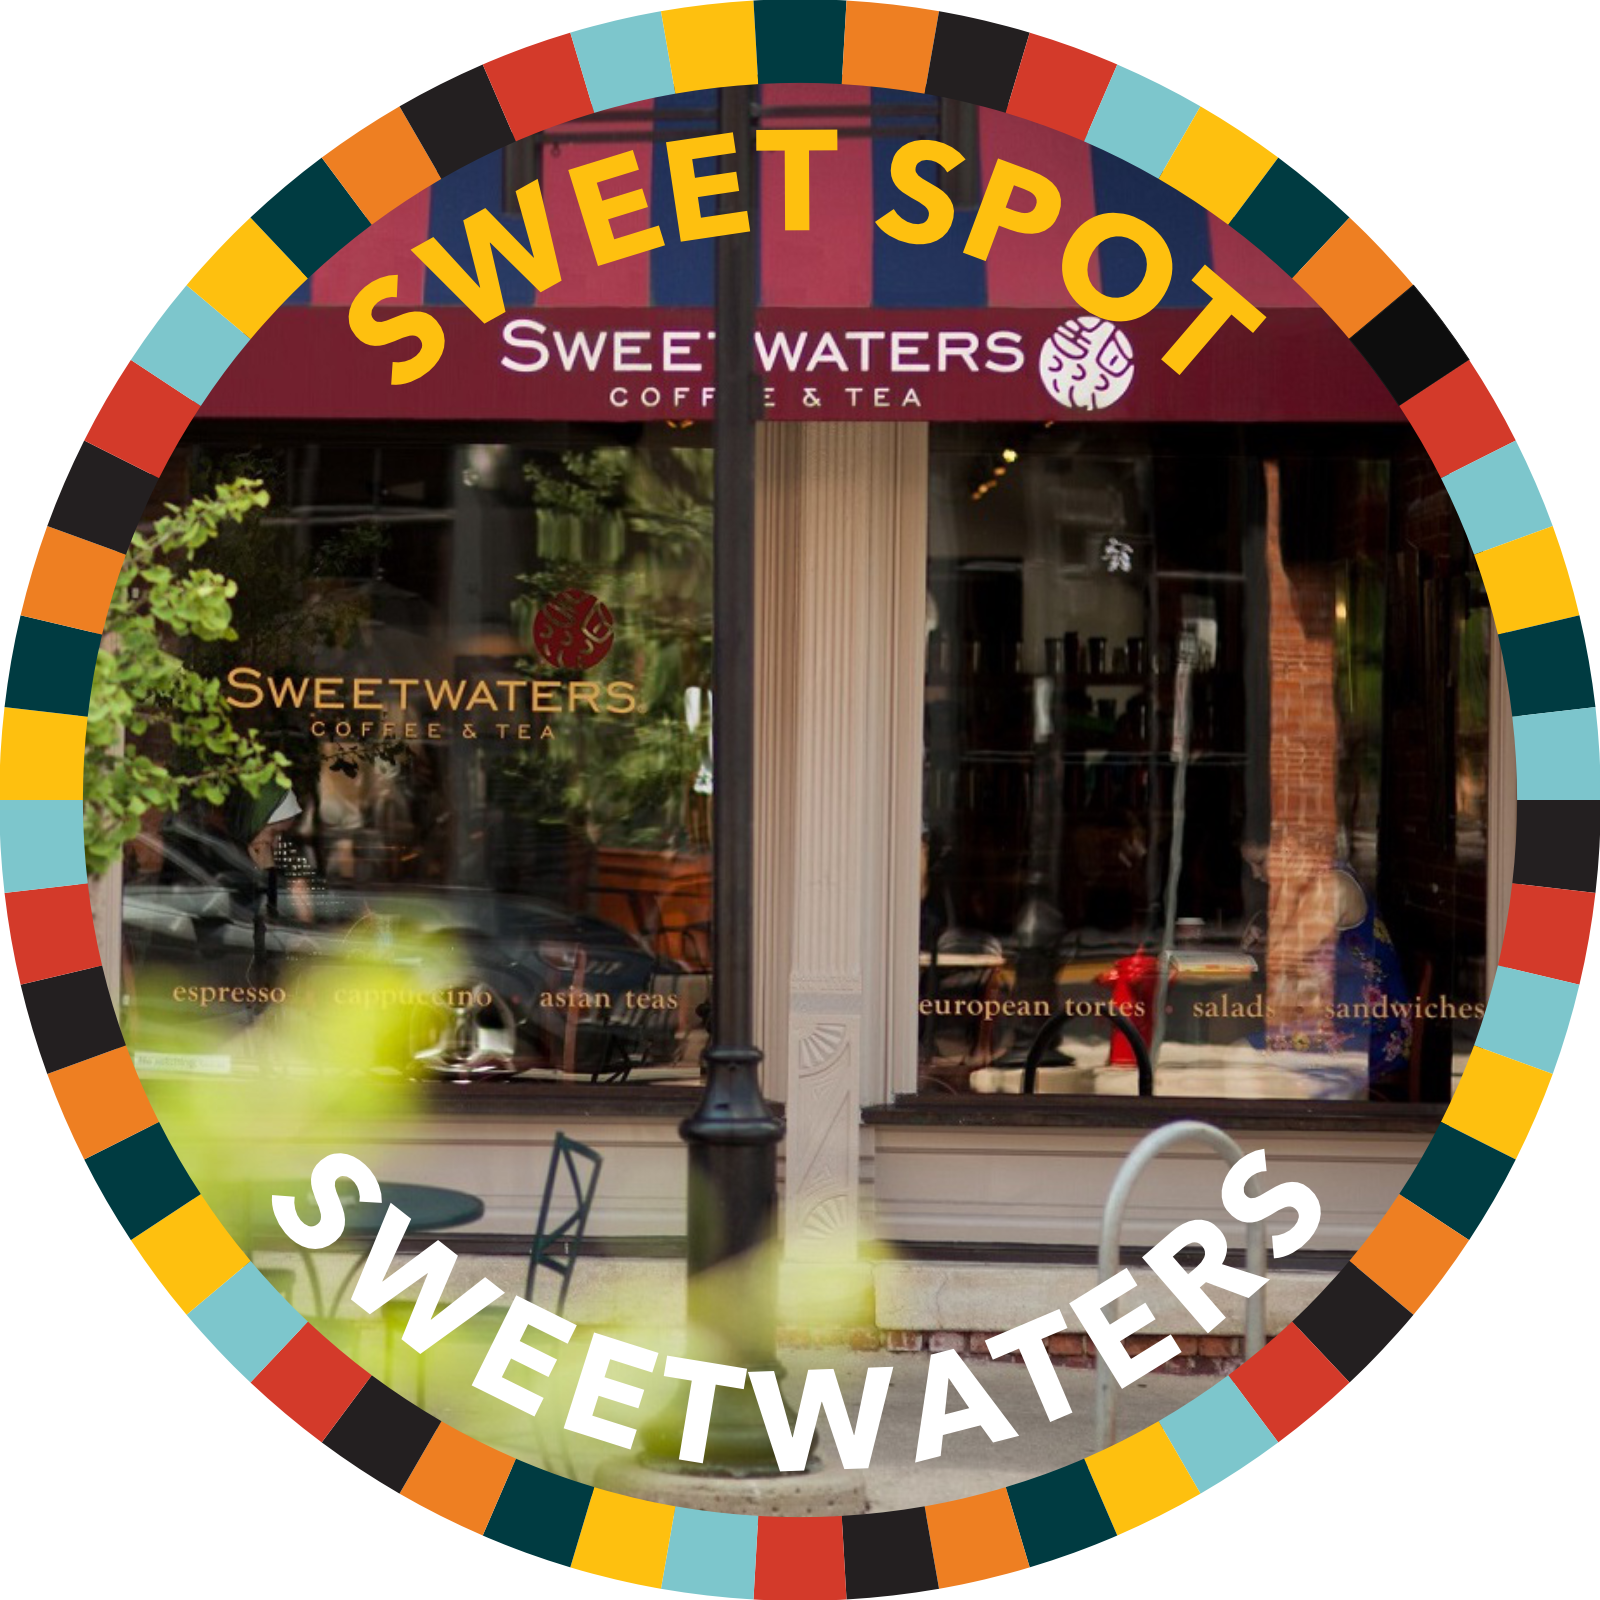 Sweet Spot Sweetwaters